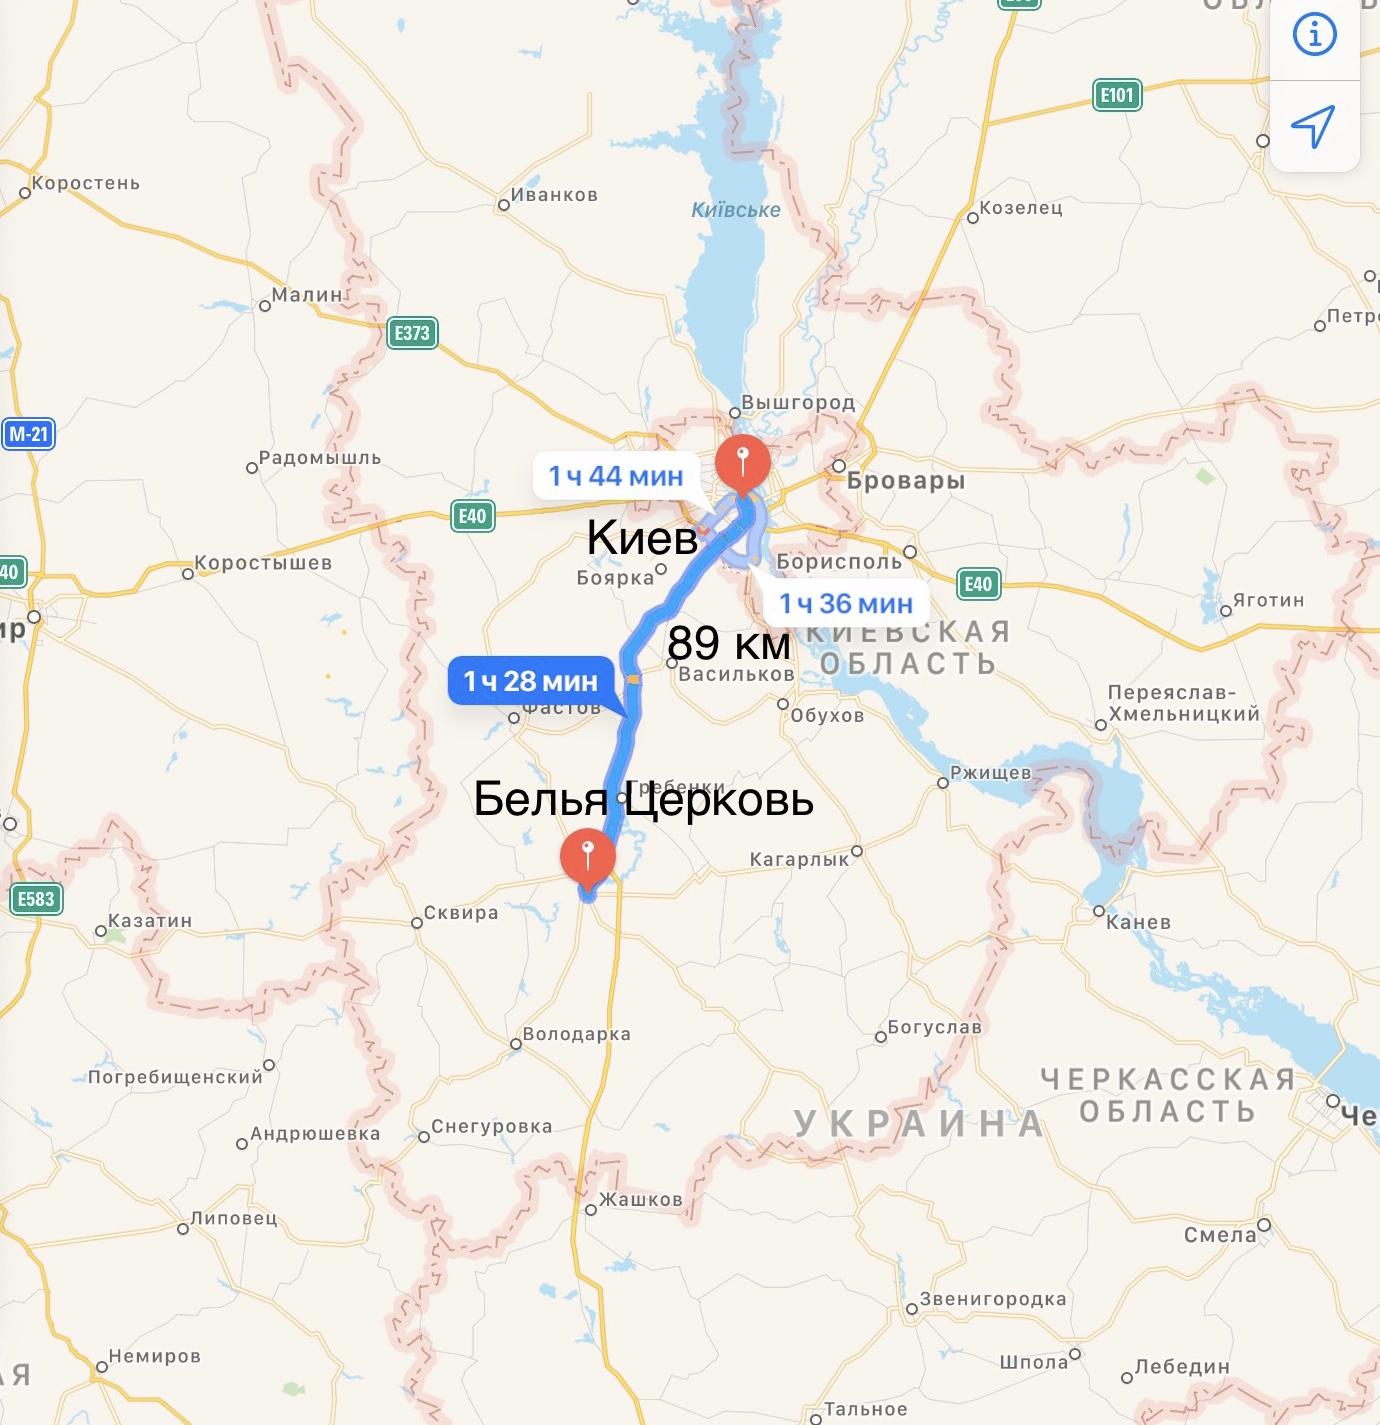 Грузоперевозки Киев – Белая Церковь